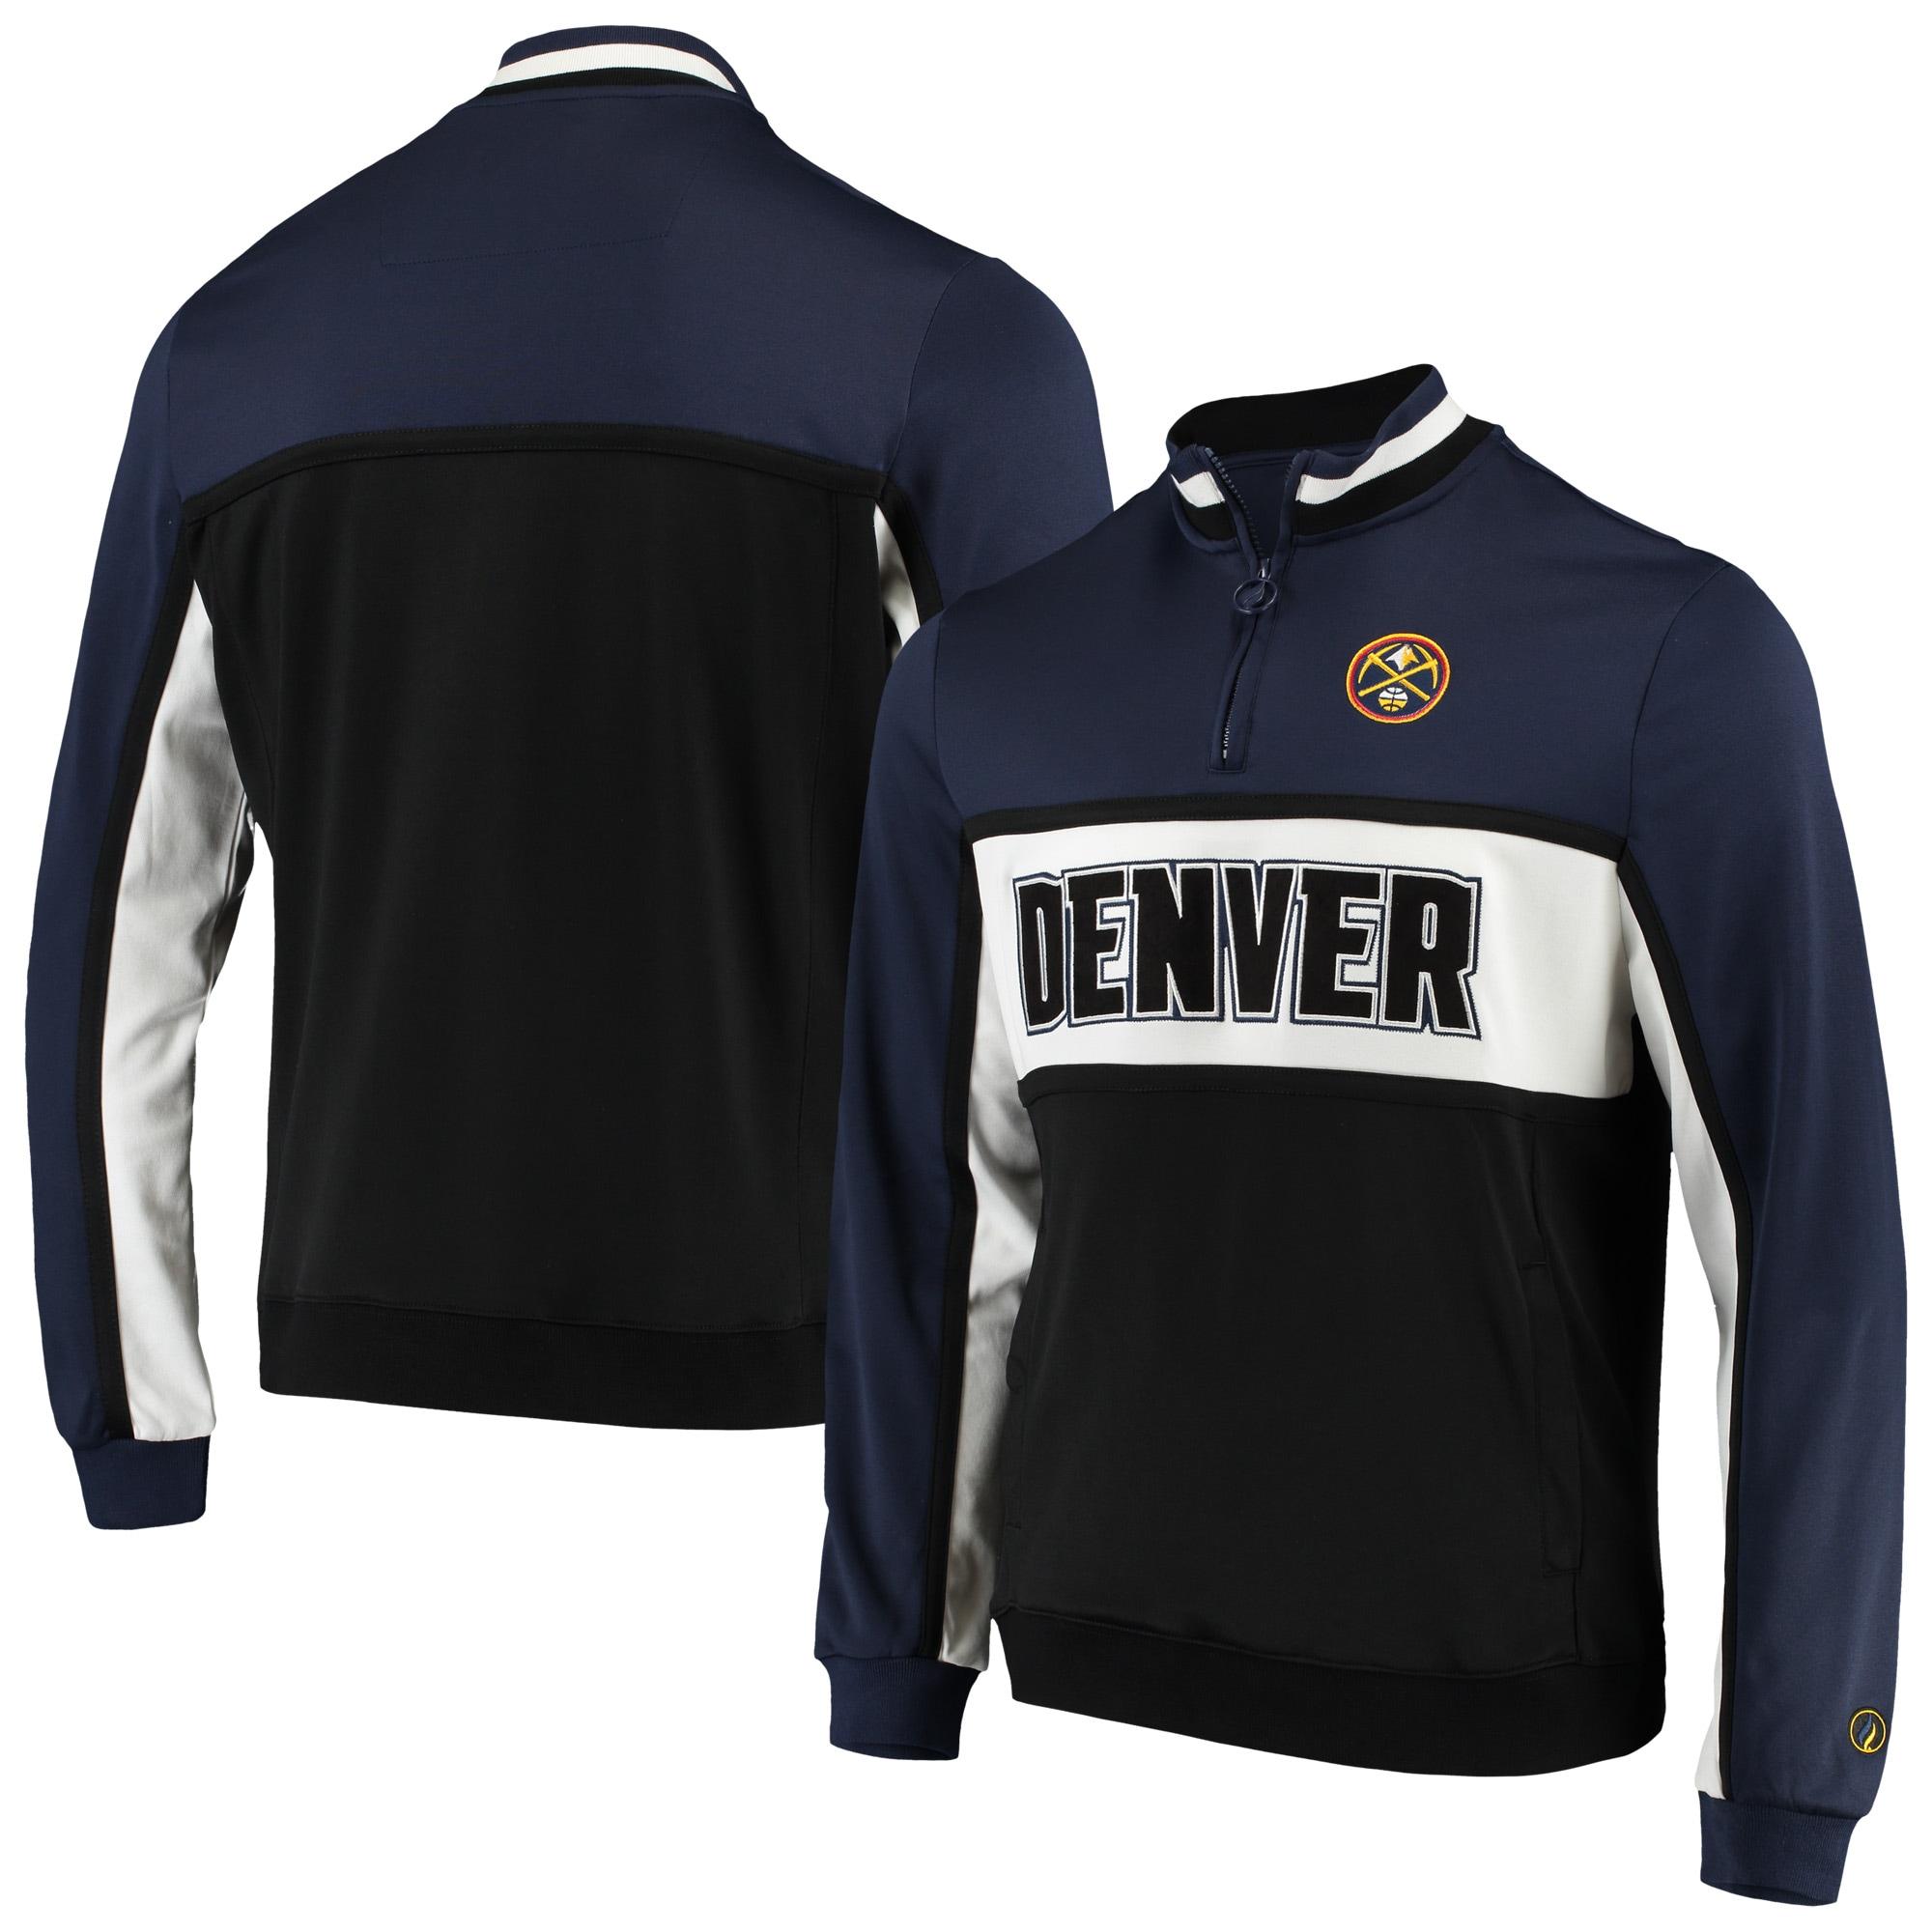 Denver Nuggets FISLL Interlock Quarter-Zip Jacket - Navy/Black